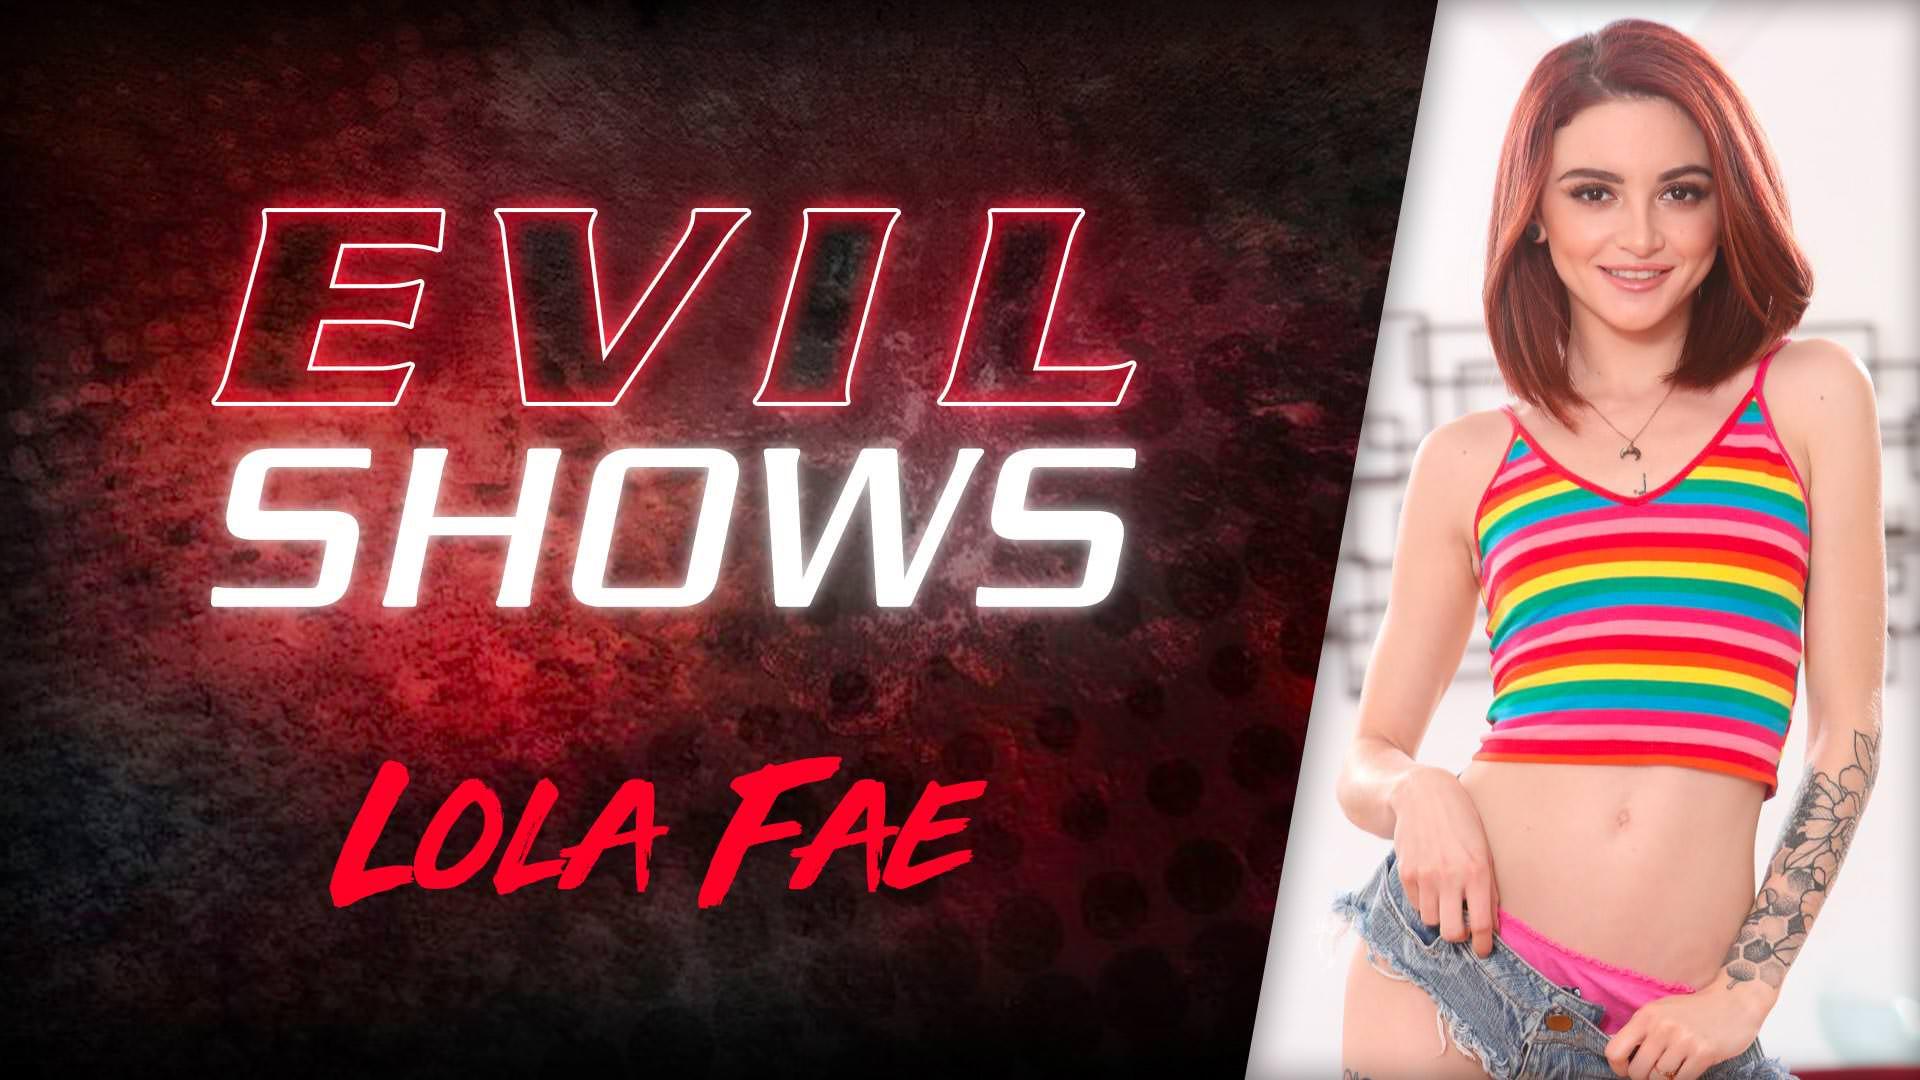 Evil Shows - Lola Fae - Lola Fae 1